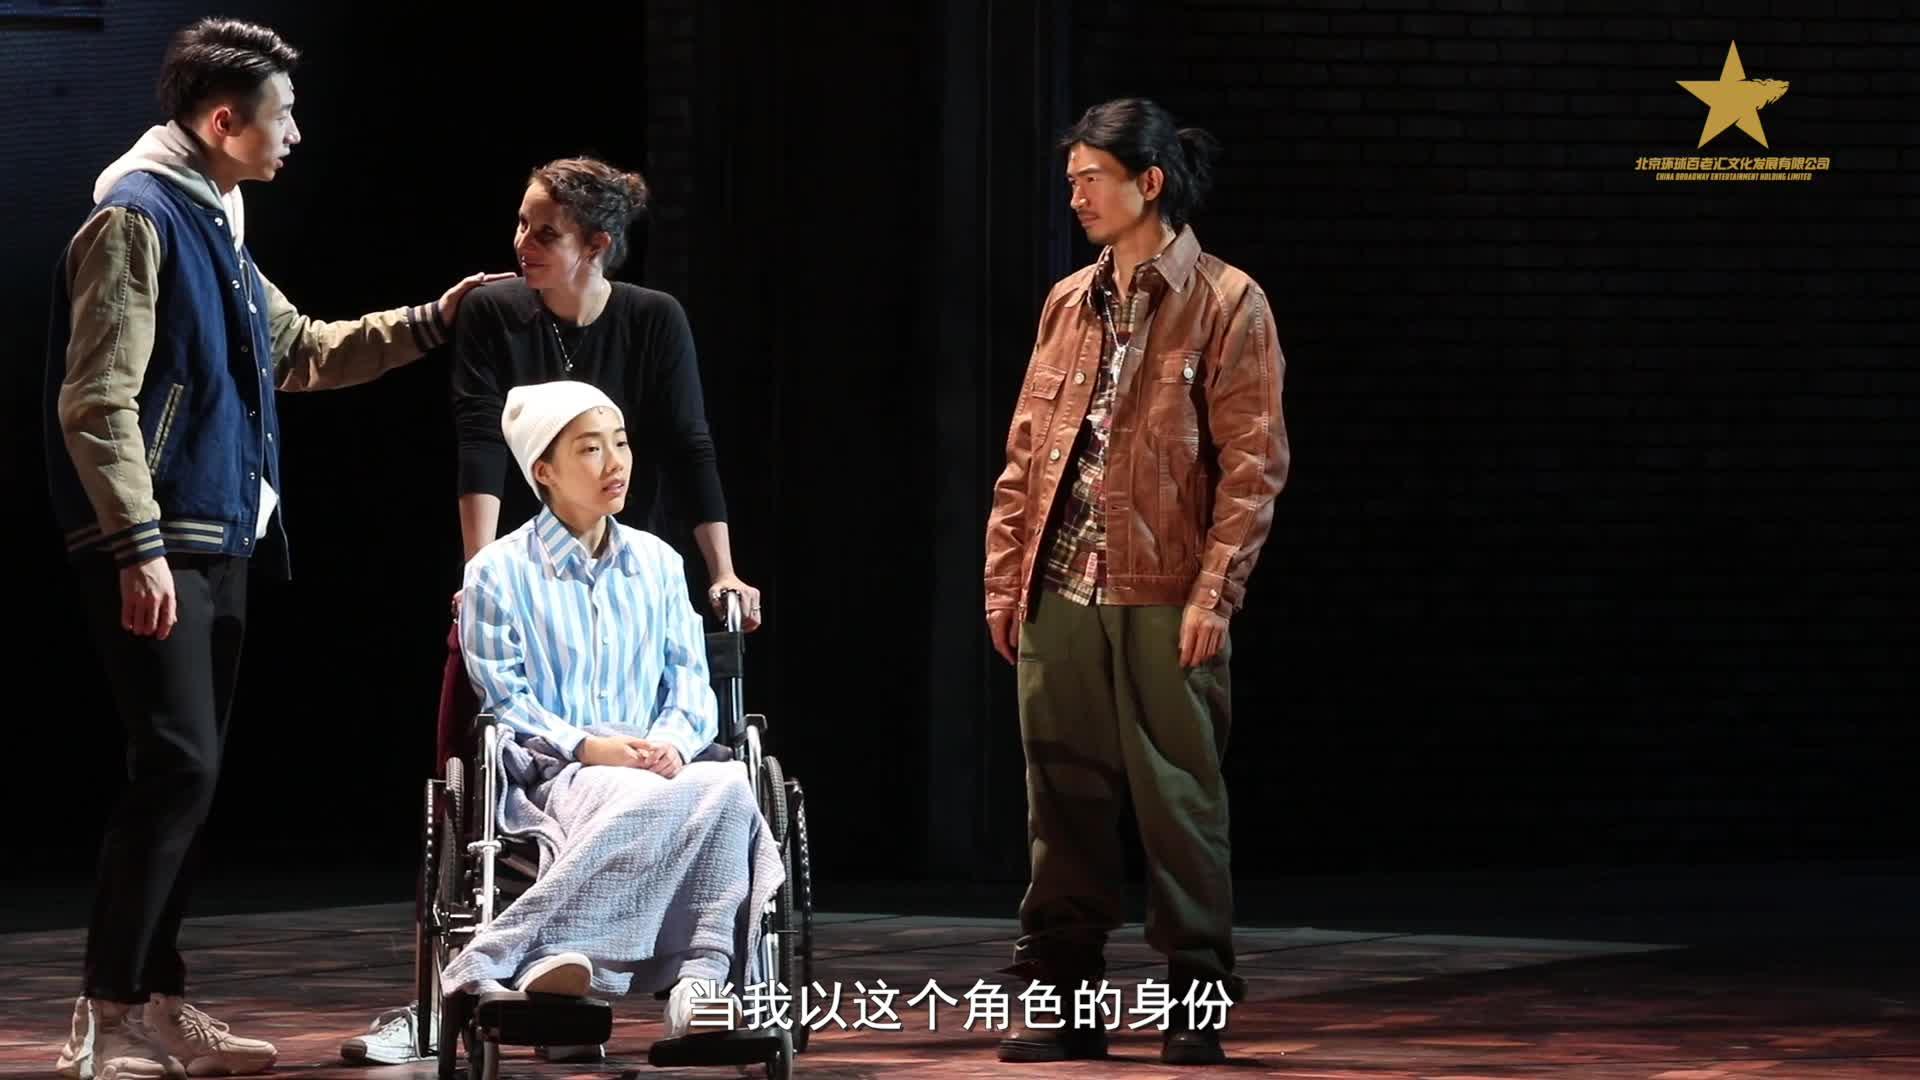 """音乐剧《当爱已成往事》人物特辑之""""搞笑担当""""杜帅:王铮亮王维申演绎各不同"""